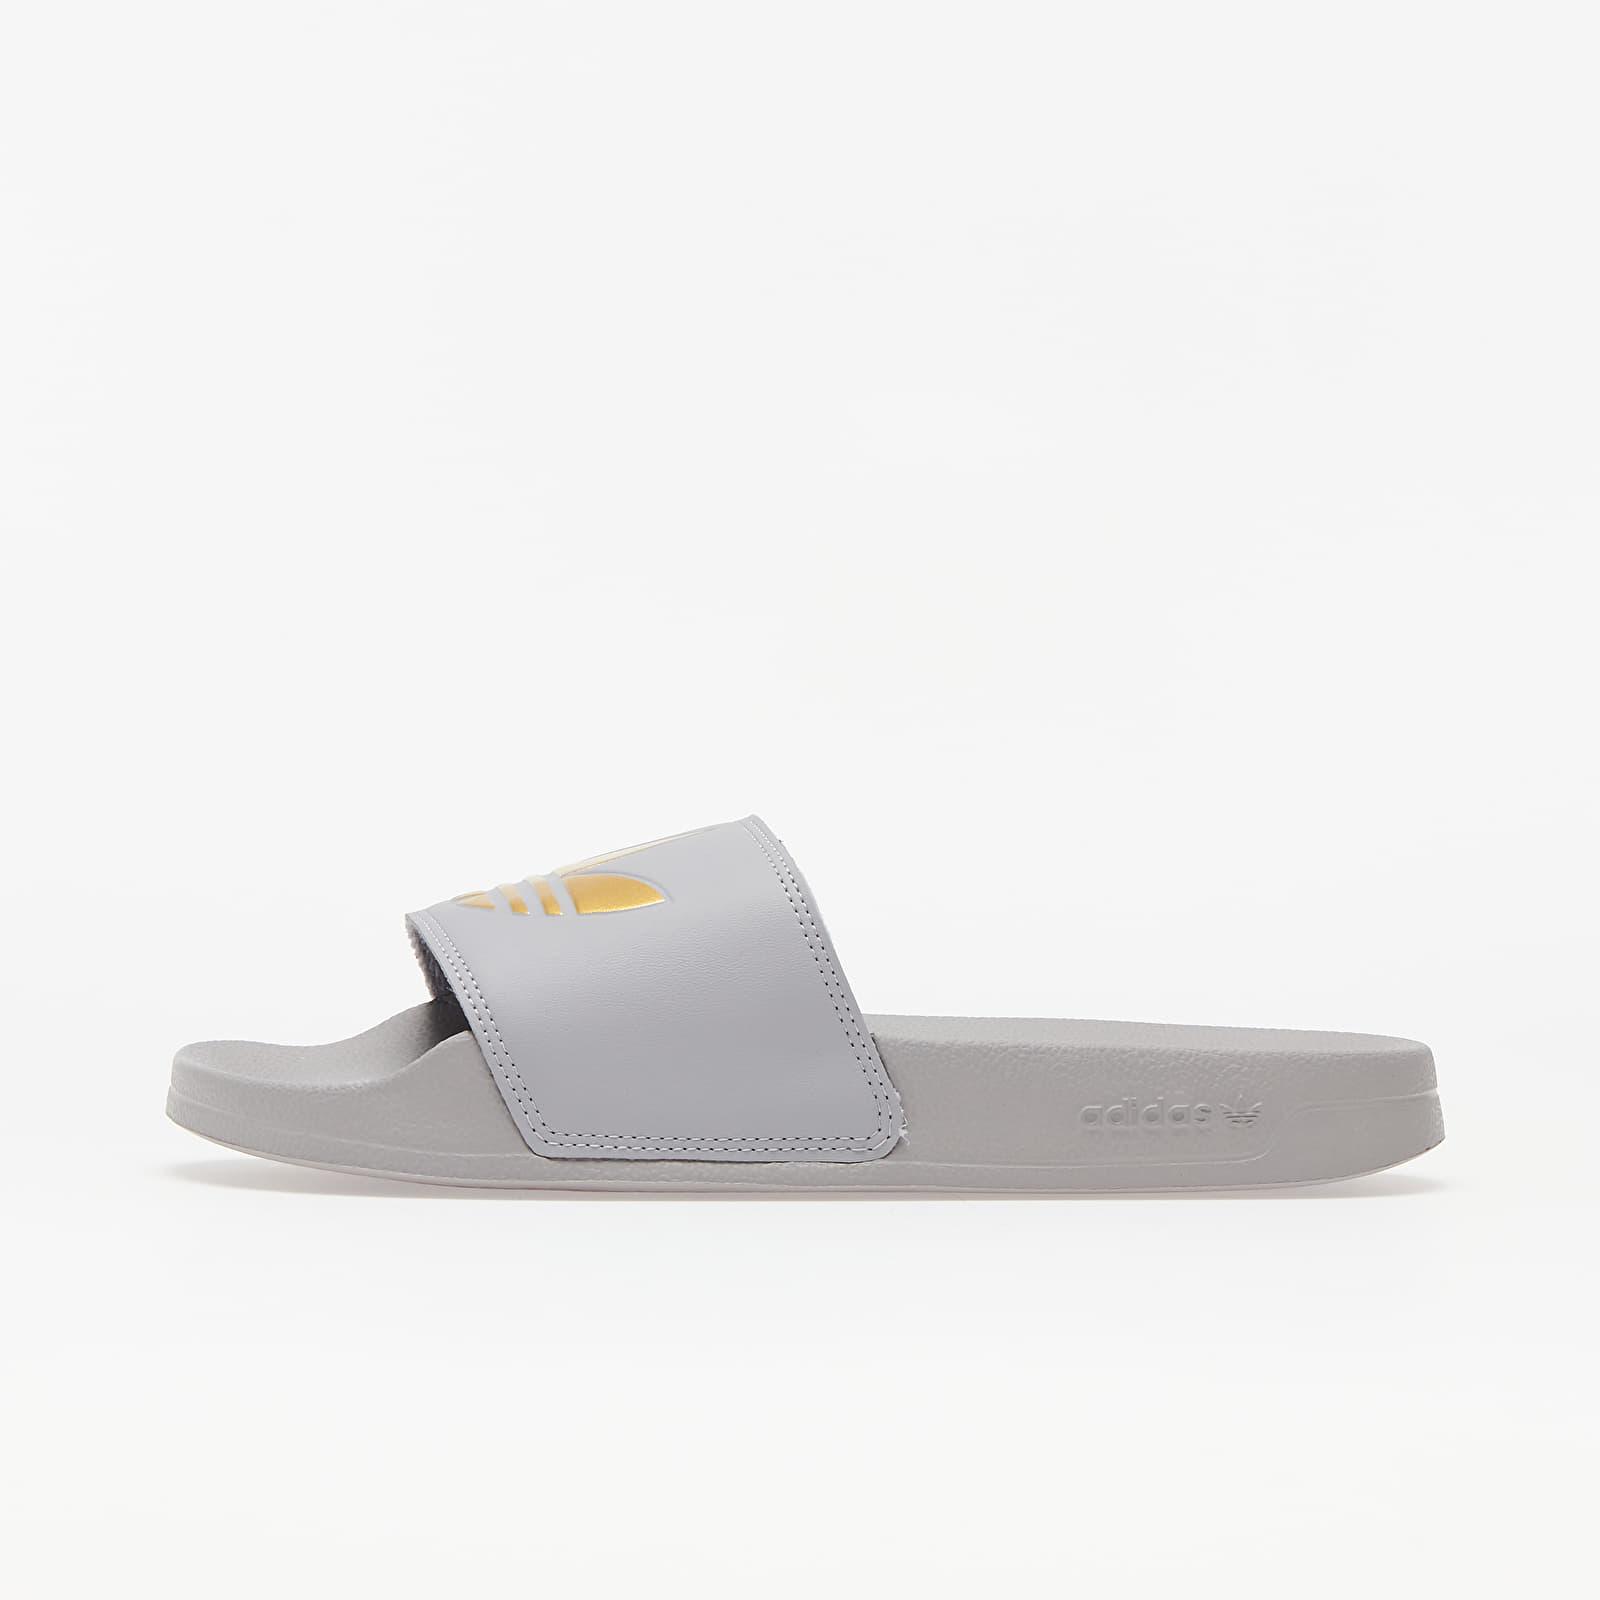 adidas Adilette Lite W Glow Grey/ Gold Metalic/ Glow Grey EUR 38